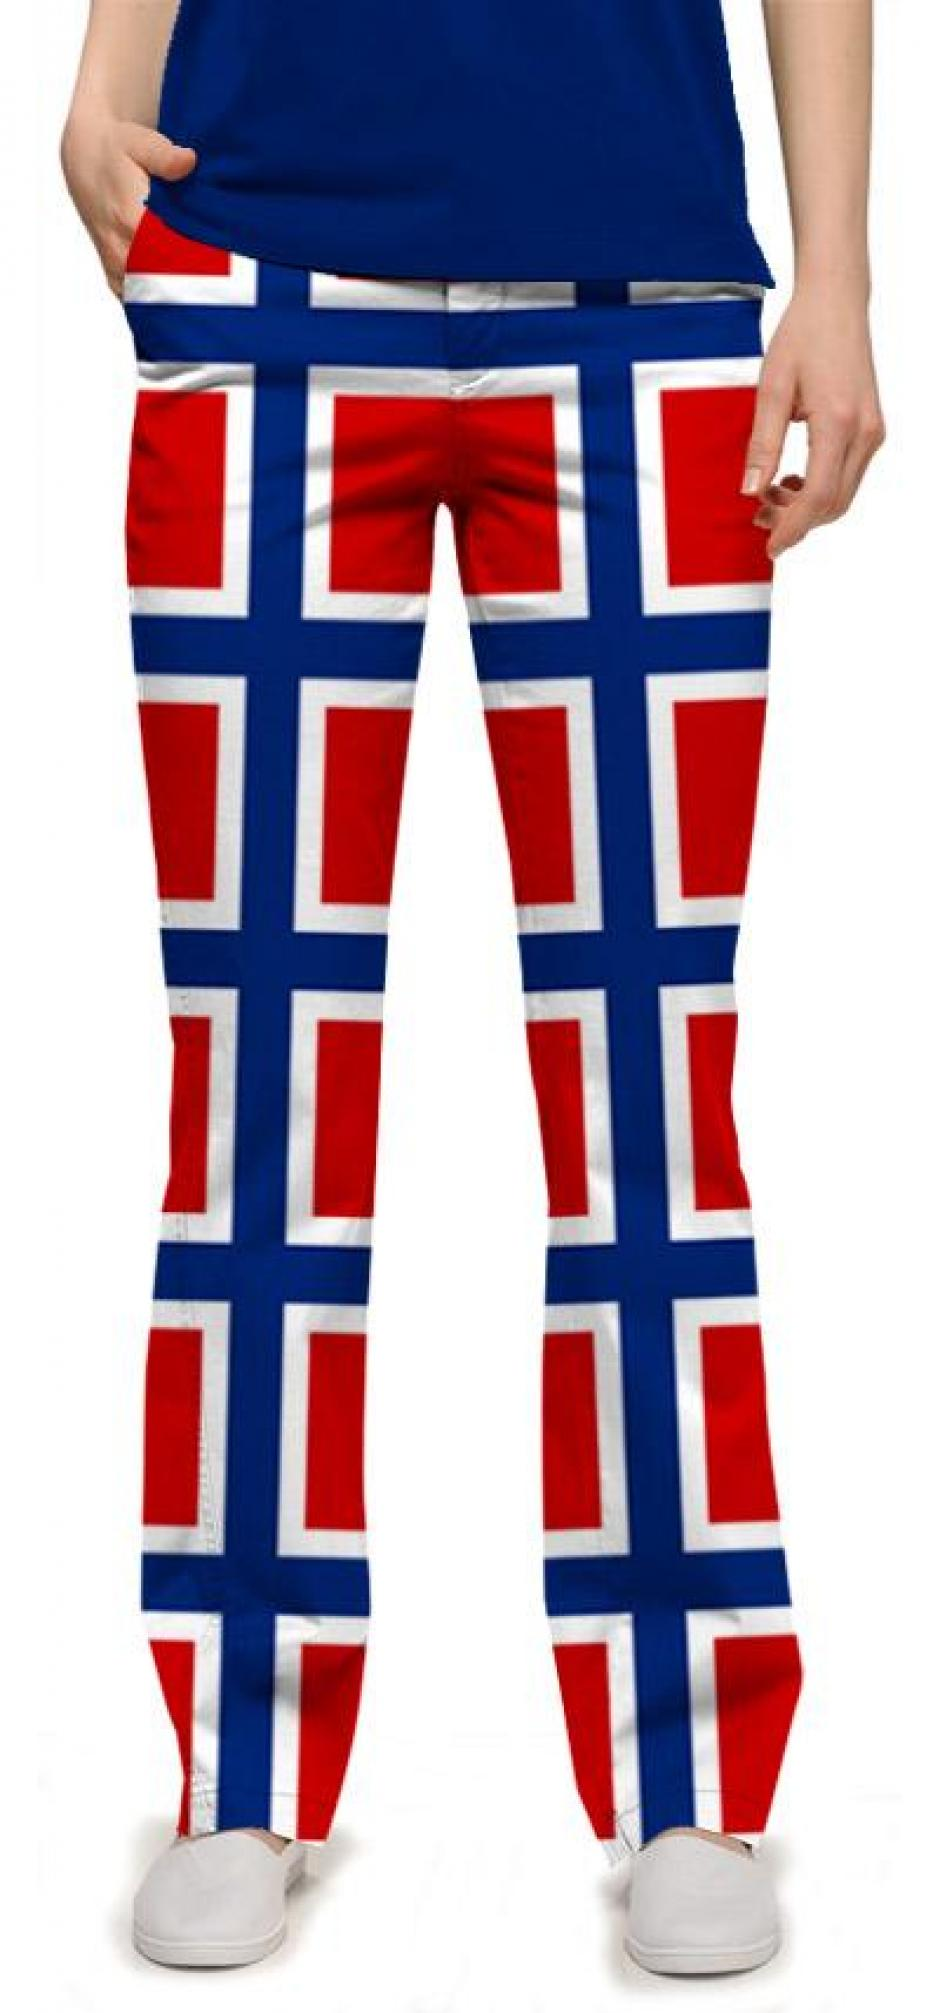 El pantalón que vestirán las atletas será similar al de los varones. Está inspirado en la bandera noruega. Foto Loudmouth Clothing. Foto Loudomouth Clothing